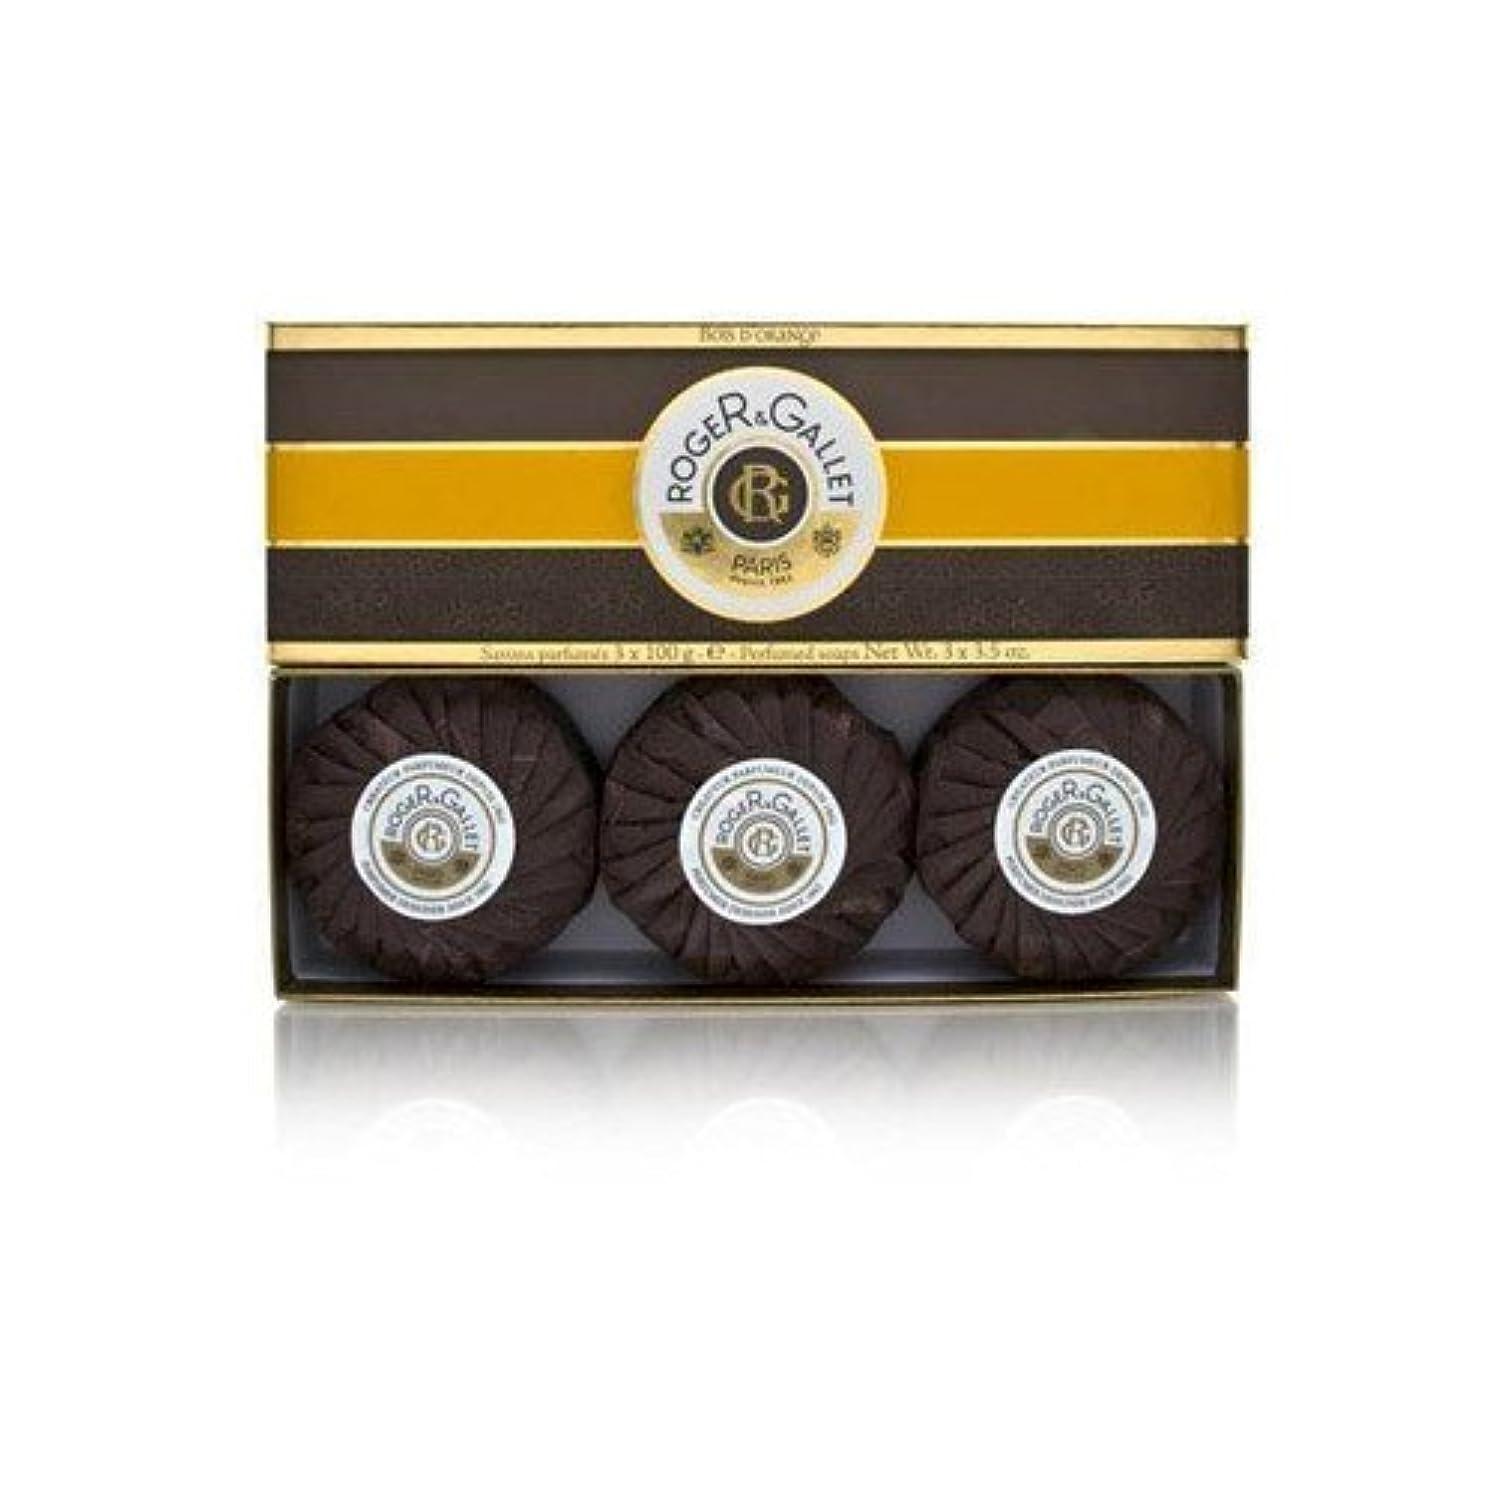 マカダムやりすぎパイロットロジェガレ ボワ ドランジュ (オレンジツリー) 香水石鹸3個セット ROGER&GALLET BOIS D'ORANGE PERFUMED SOAP [0161]